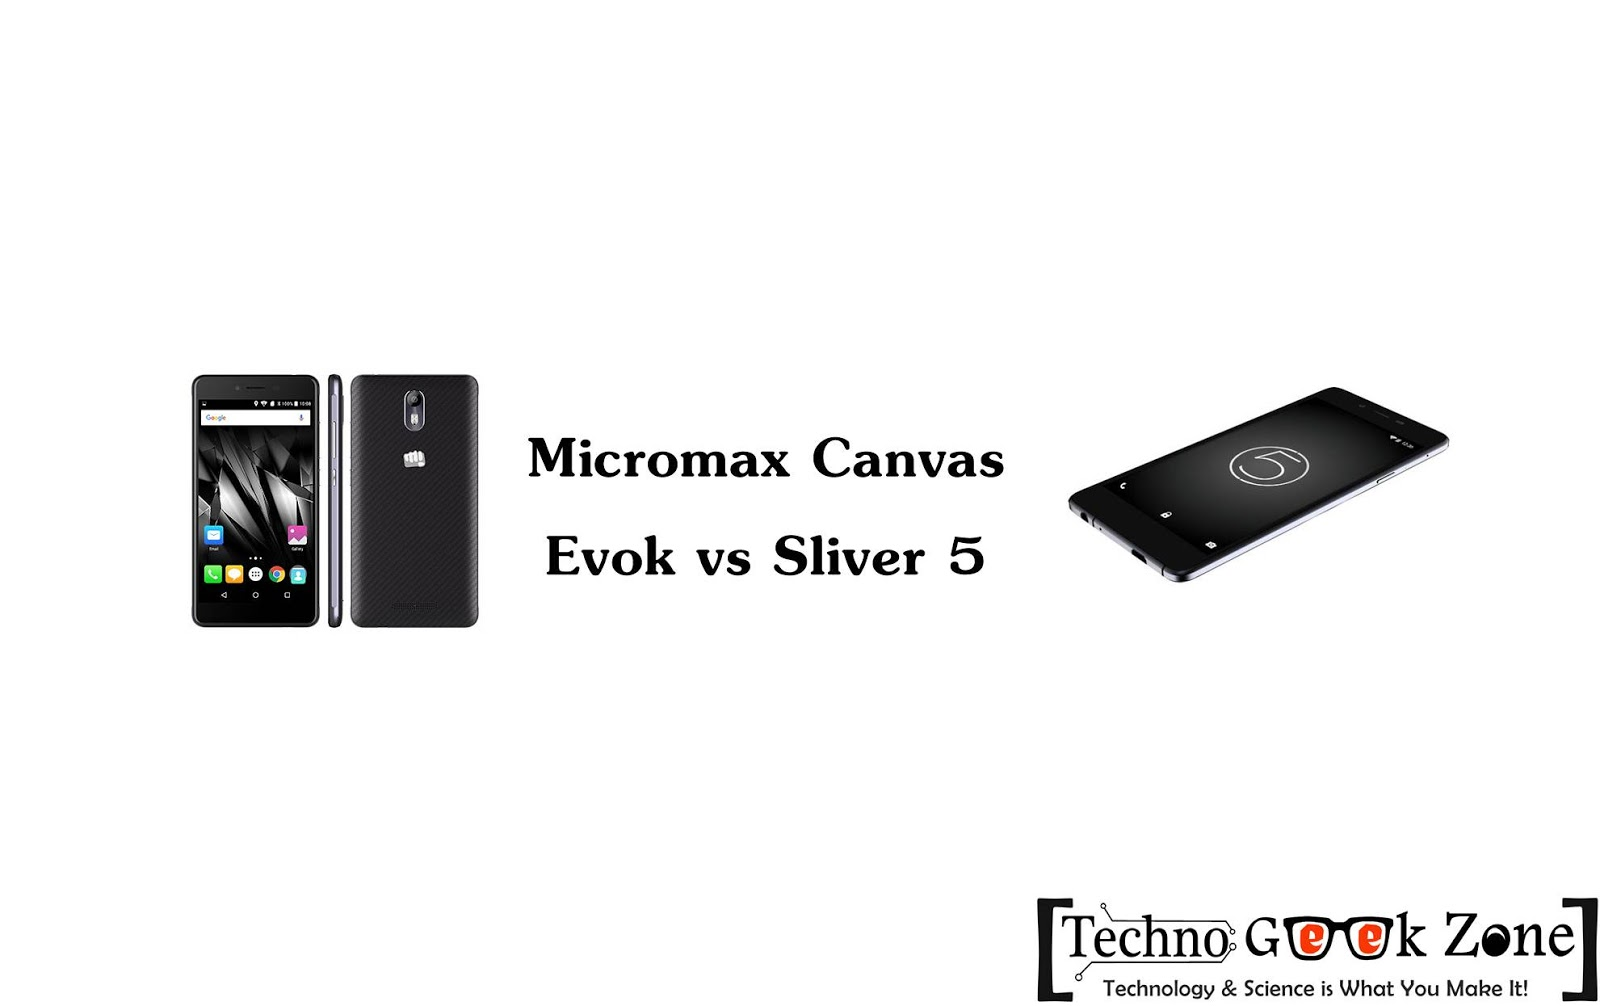 Micromax Canvas Evok vs Micromax Canvas Sliver 5 Comparison